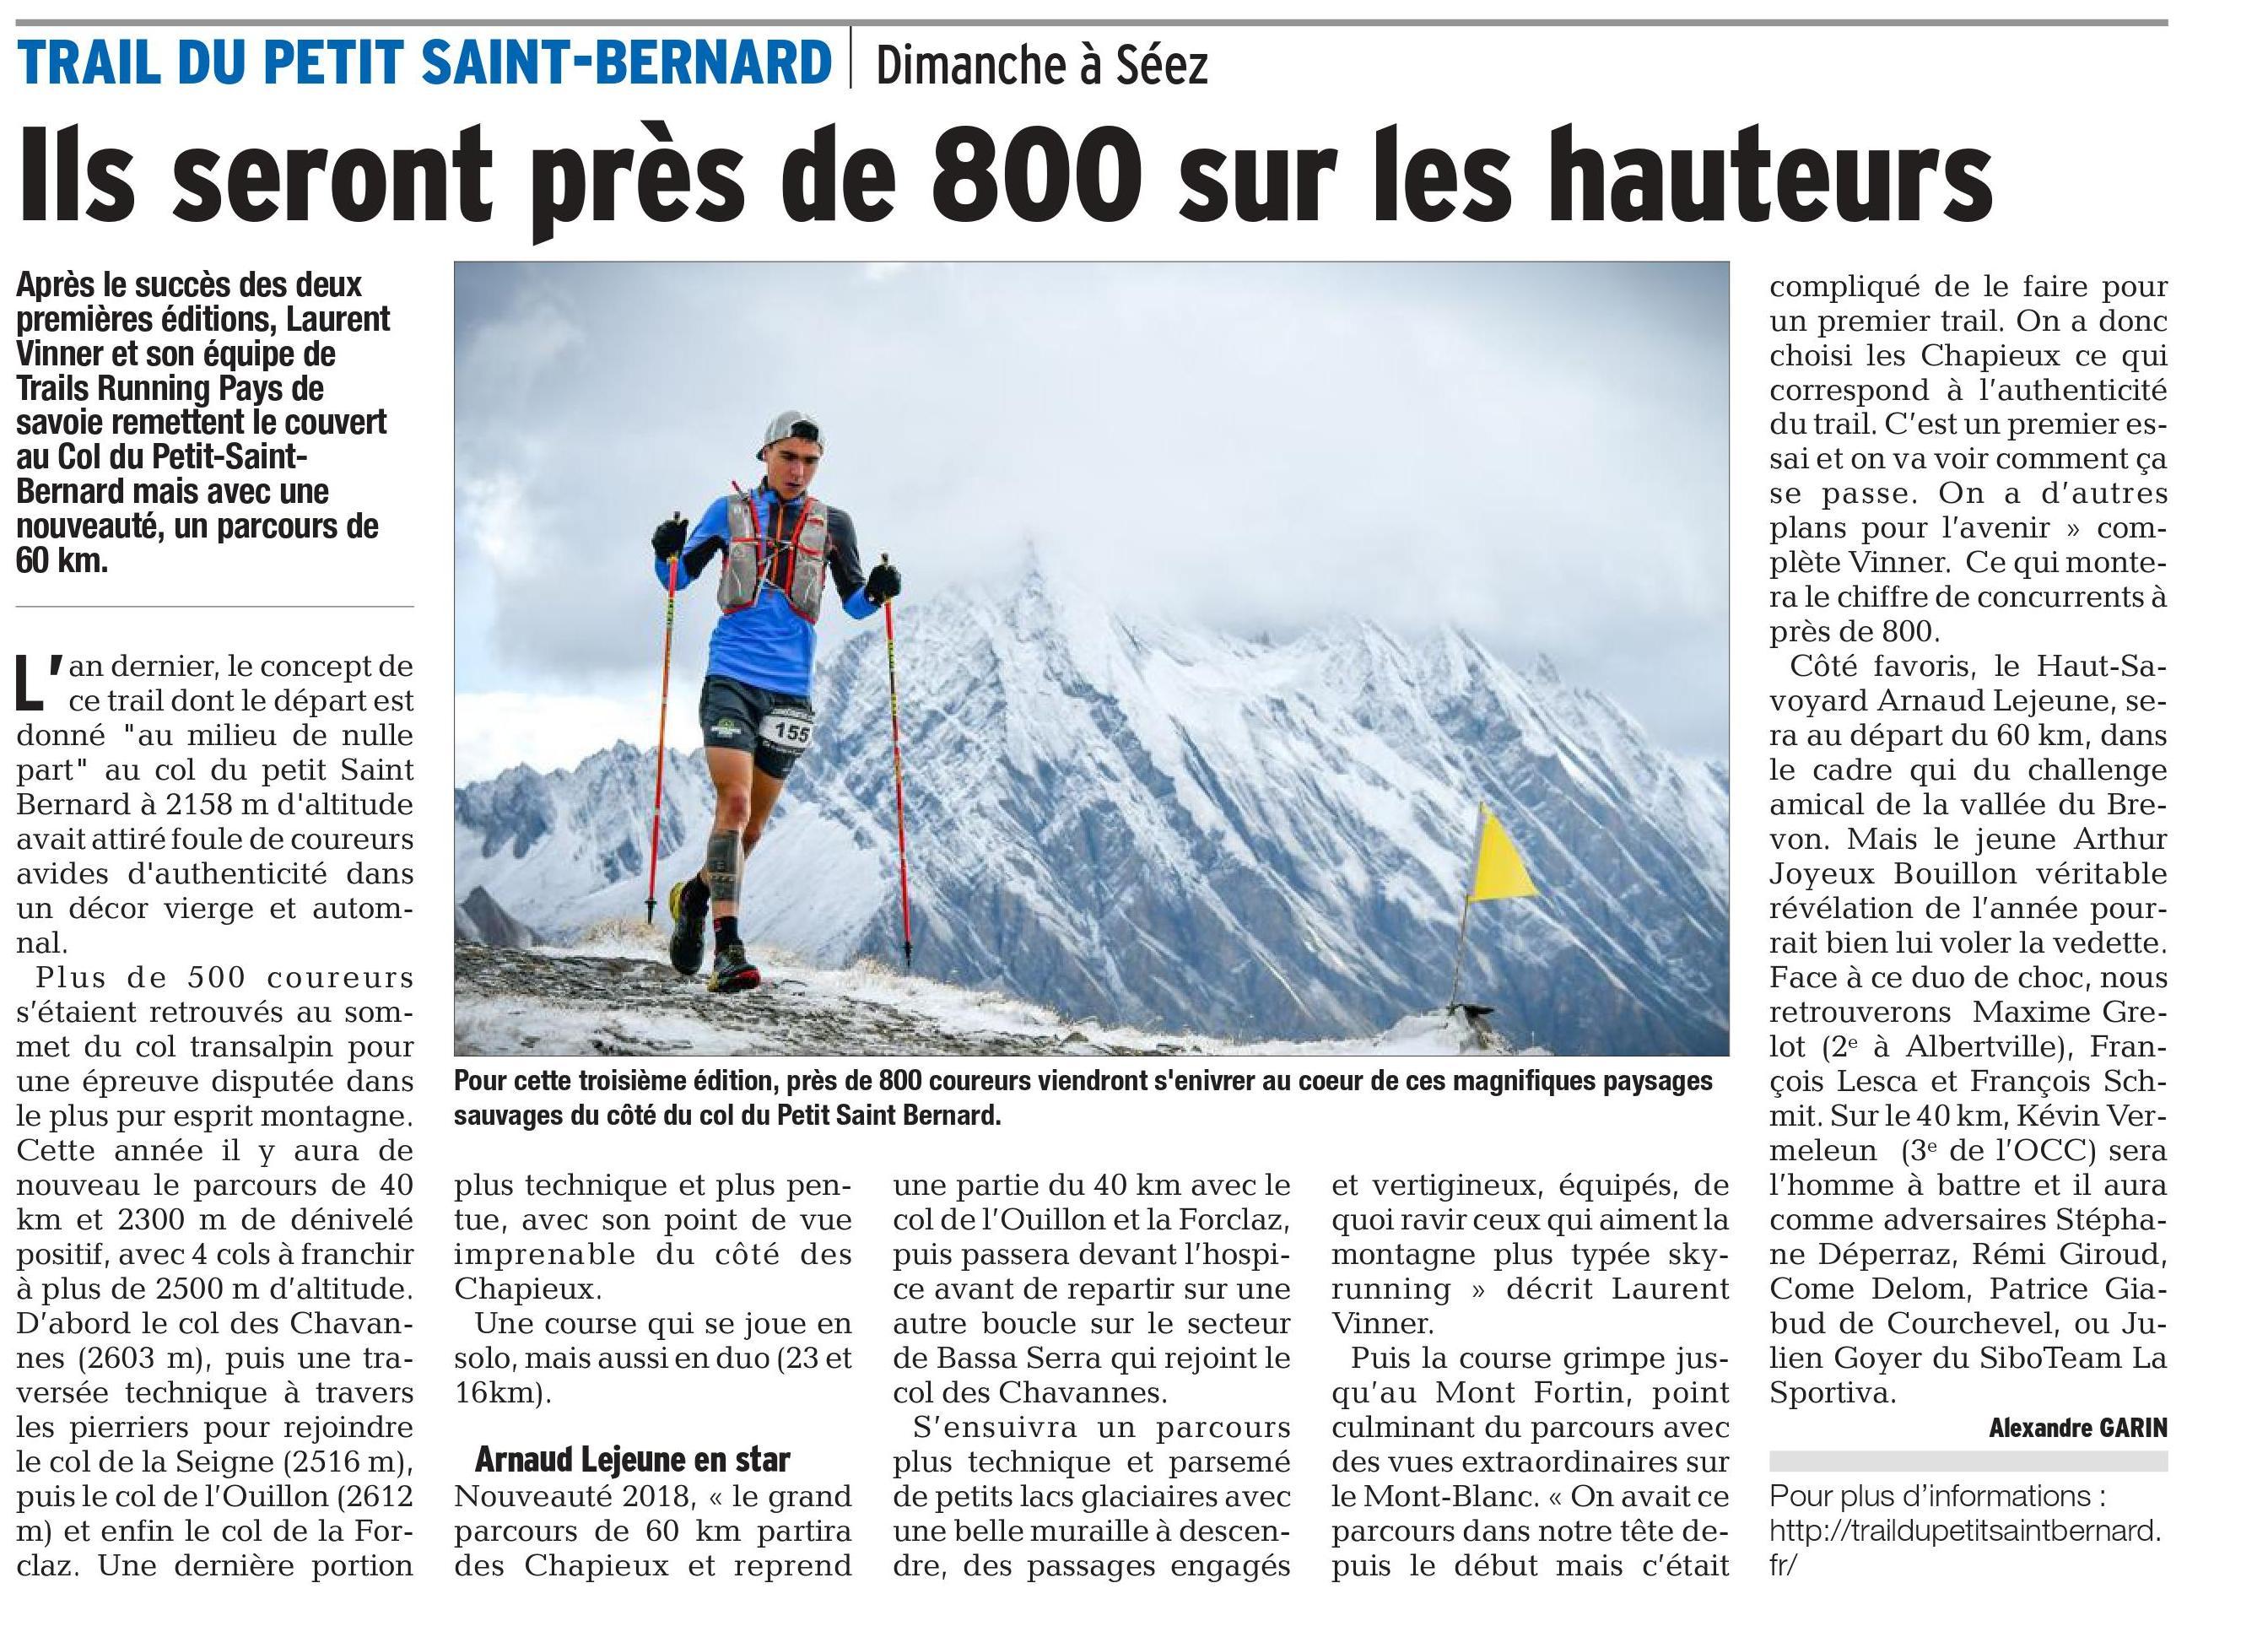 0001 - PRESENTATION DU TRAIL DU PETIT SAINT BERNARD 2018 (article du dauphiné 05/10/2018)